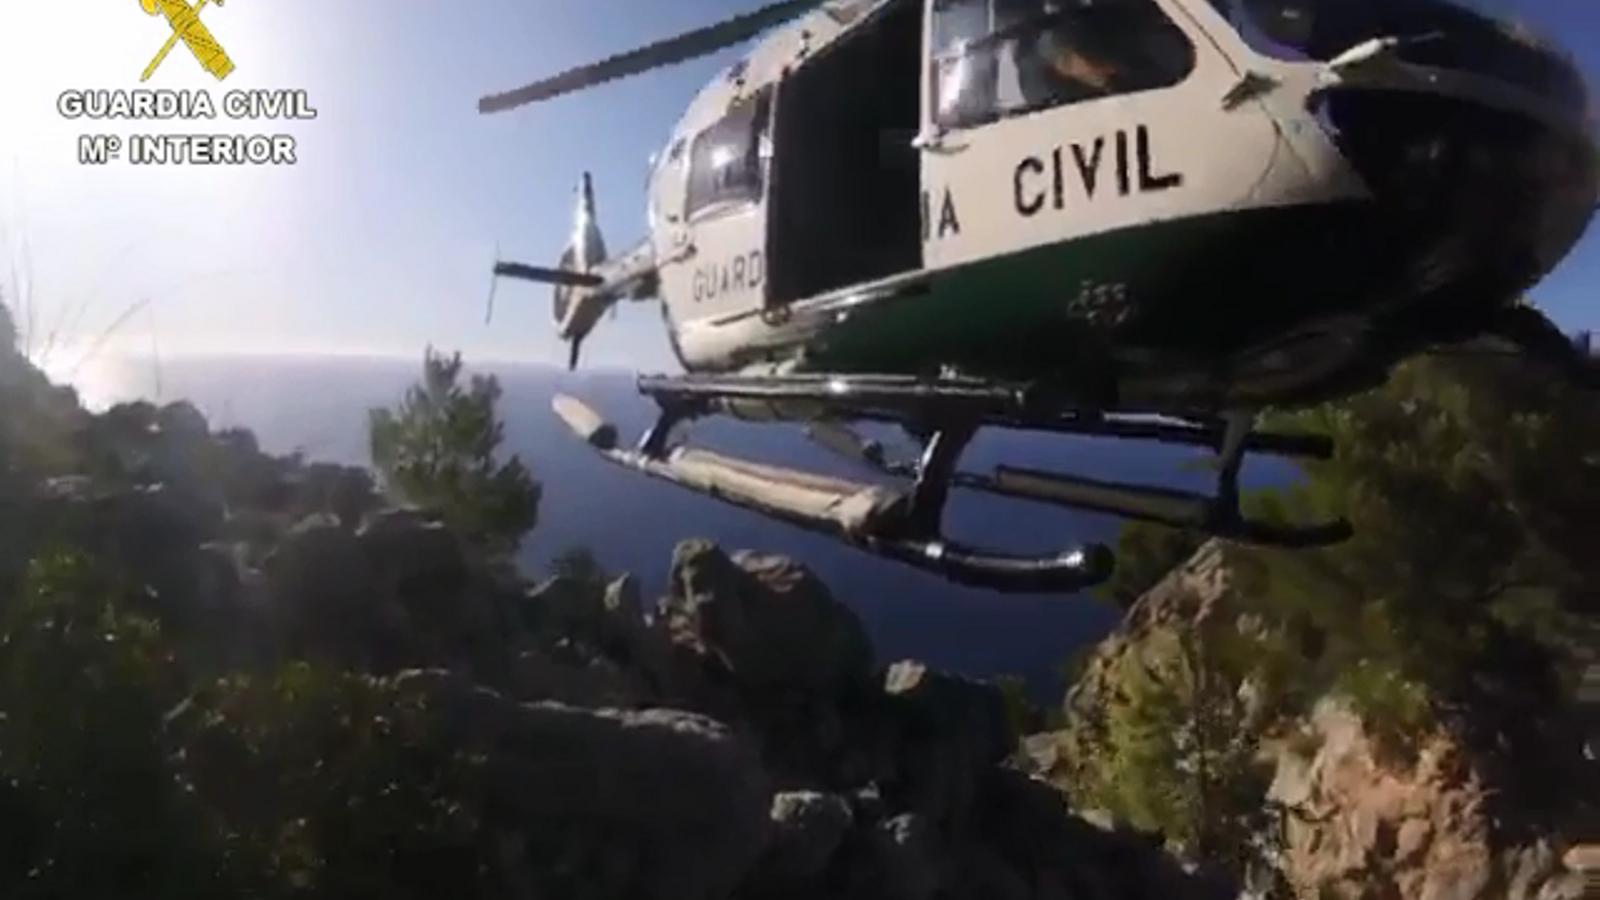 L'equip de rescat auxiliant els tres senderistes atrapats a la Serra de Tramuntana